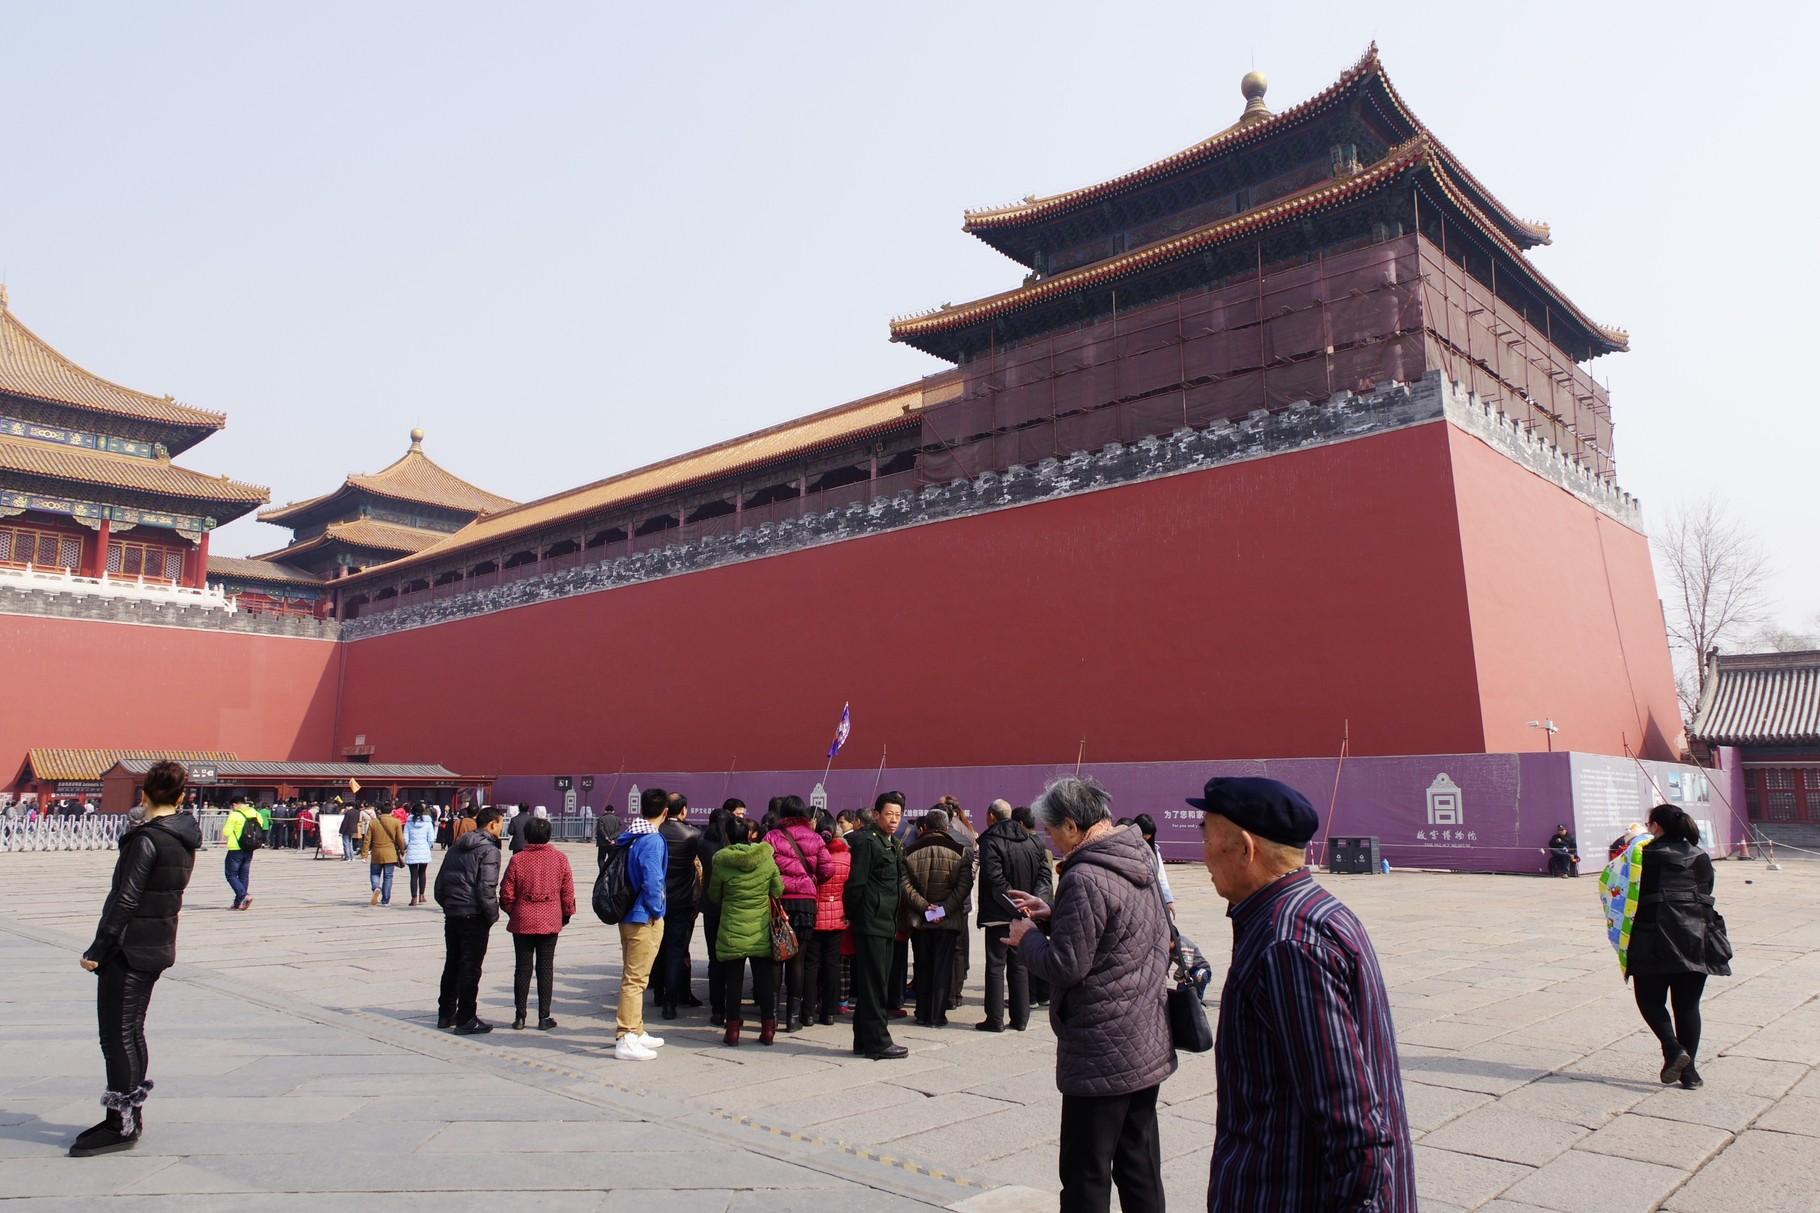 左右に城壁と間口13間の殿屋が張り出す